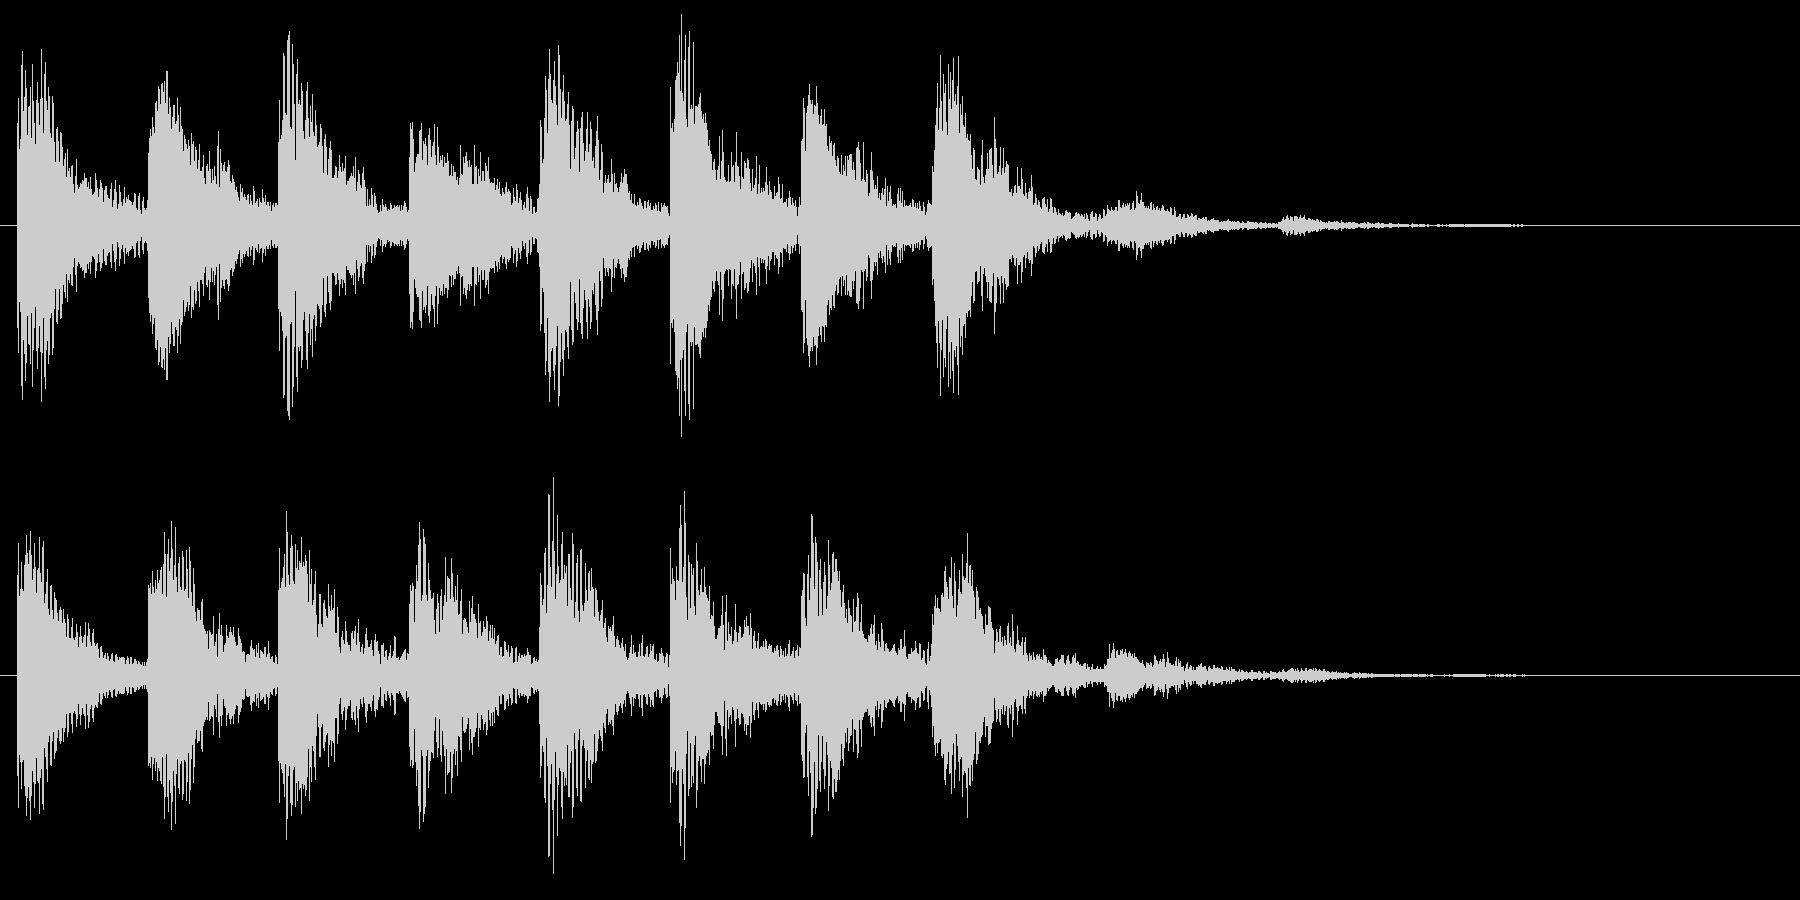 不安や心配の音 危険 ホラー サスペンスの未再生の波形